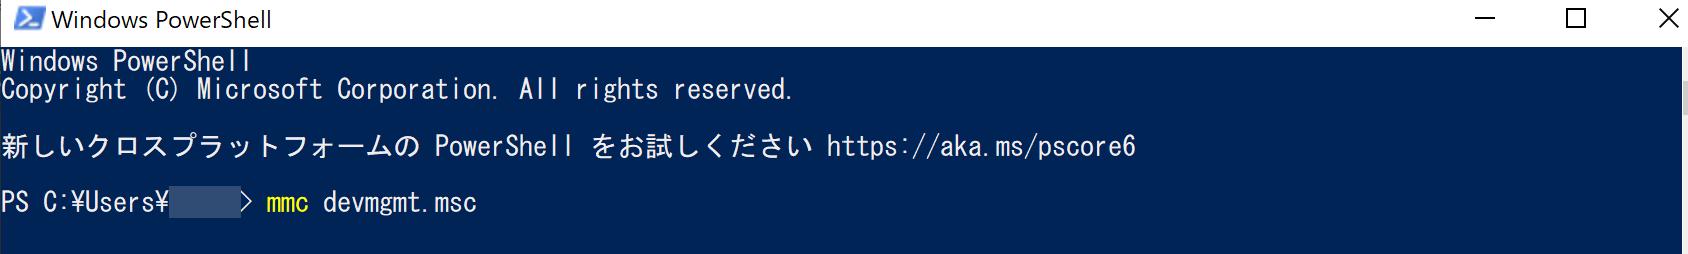 Windows 10でコマンドプロンプトまたはWindows PowerShellを用いて「デバイスマネージャー」を起動する方法